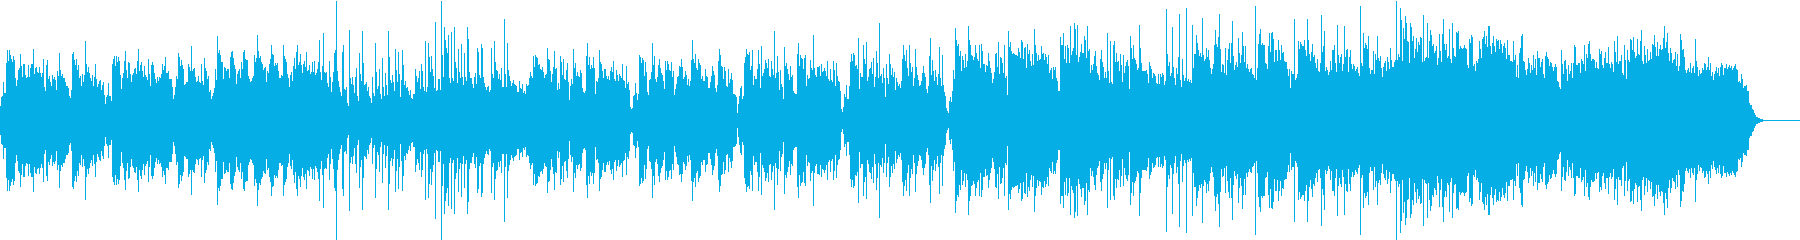 尺八が奏でる切なく壮大な和風曲の再生済みの波形